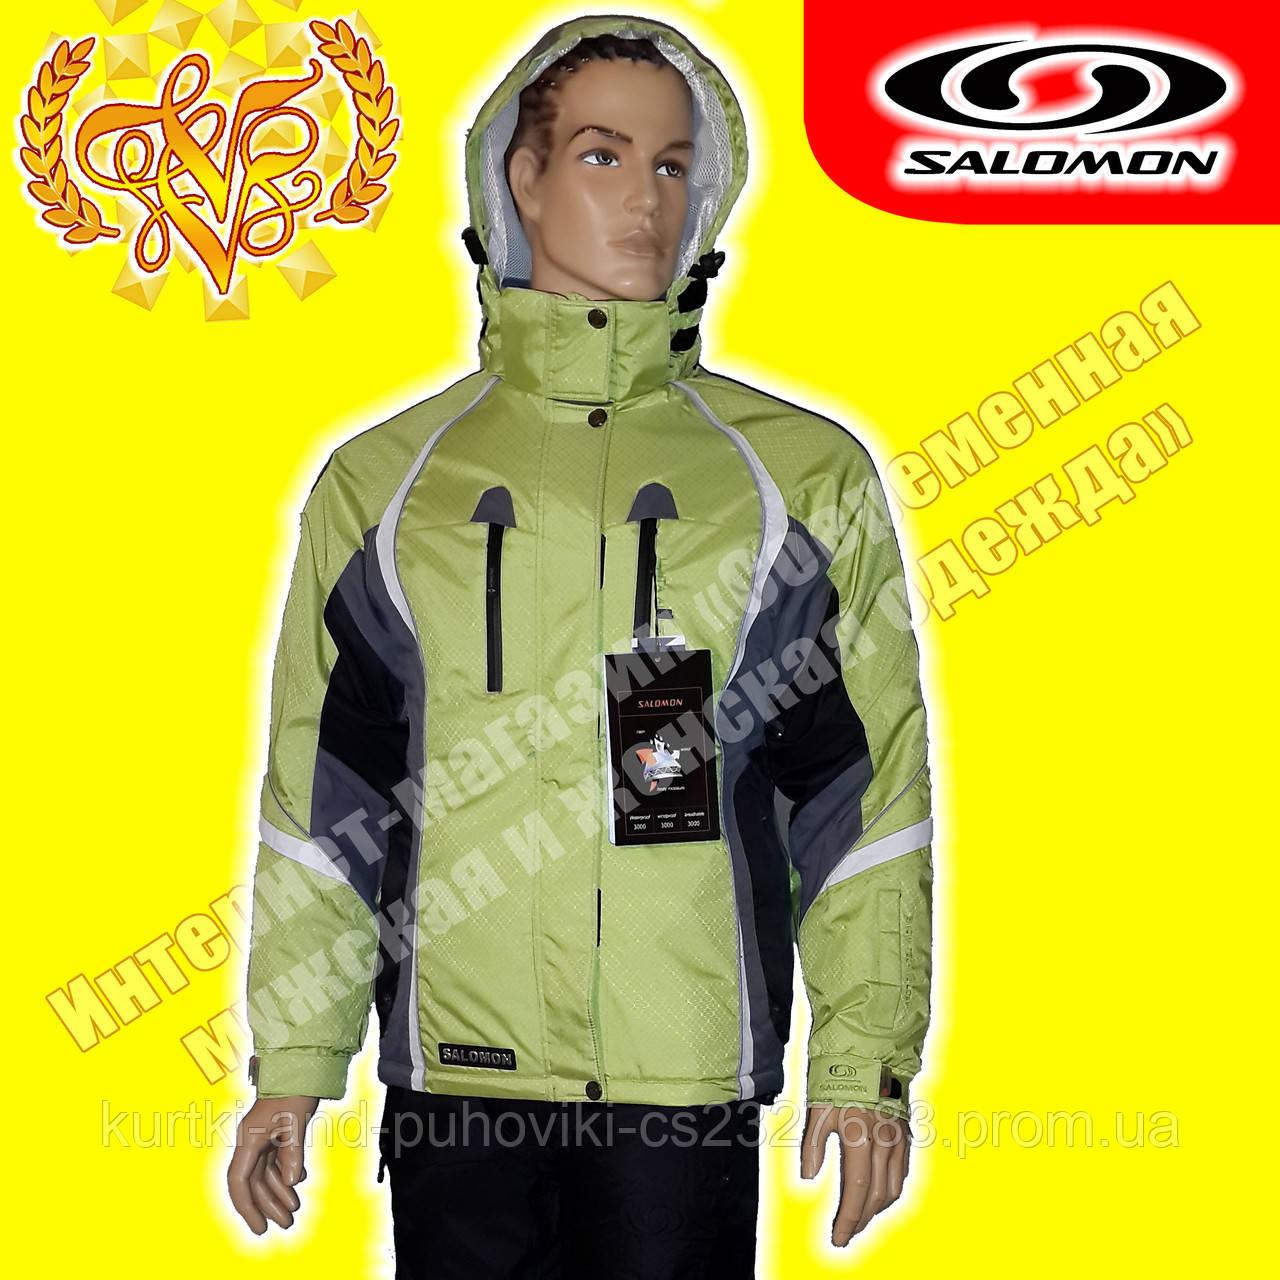 Мужская горнолыжная куртка «Salomon» - Интернет-магазин «Современная мужская и женская одежда» в Черновцах